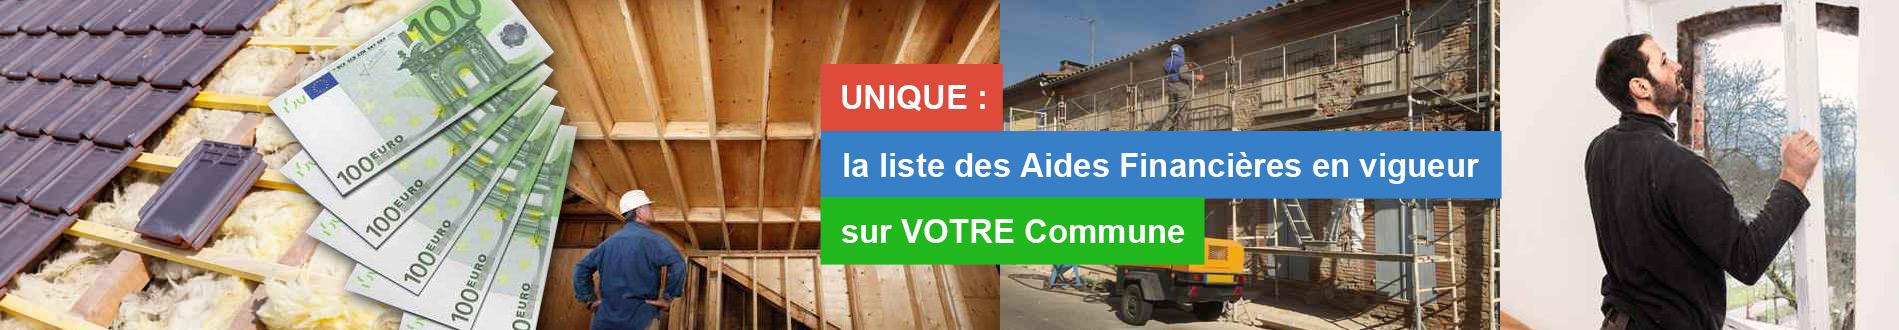 slider-1-aides-travaux-renovation